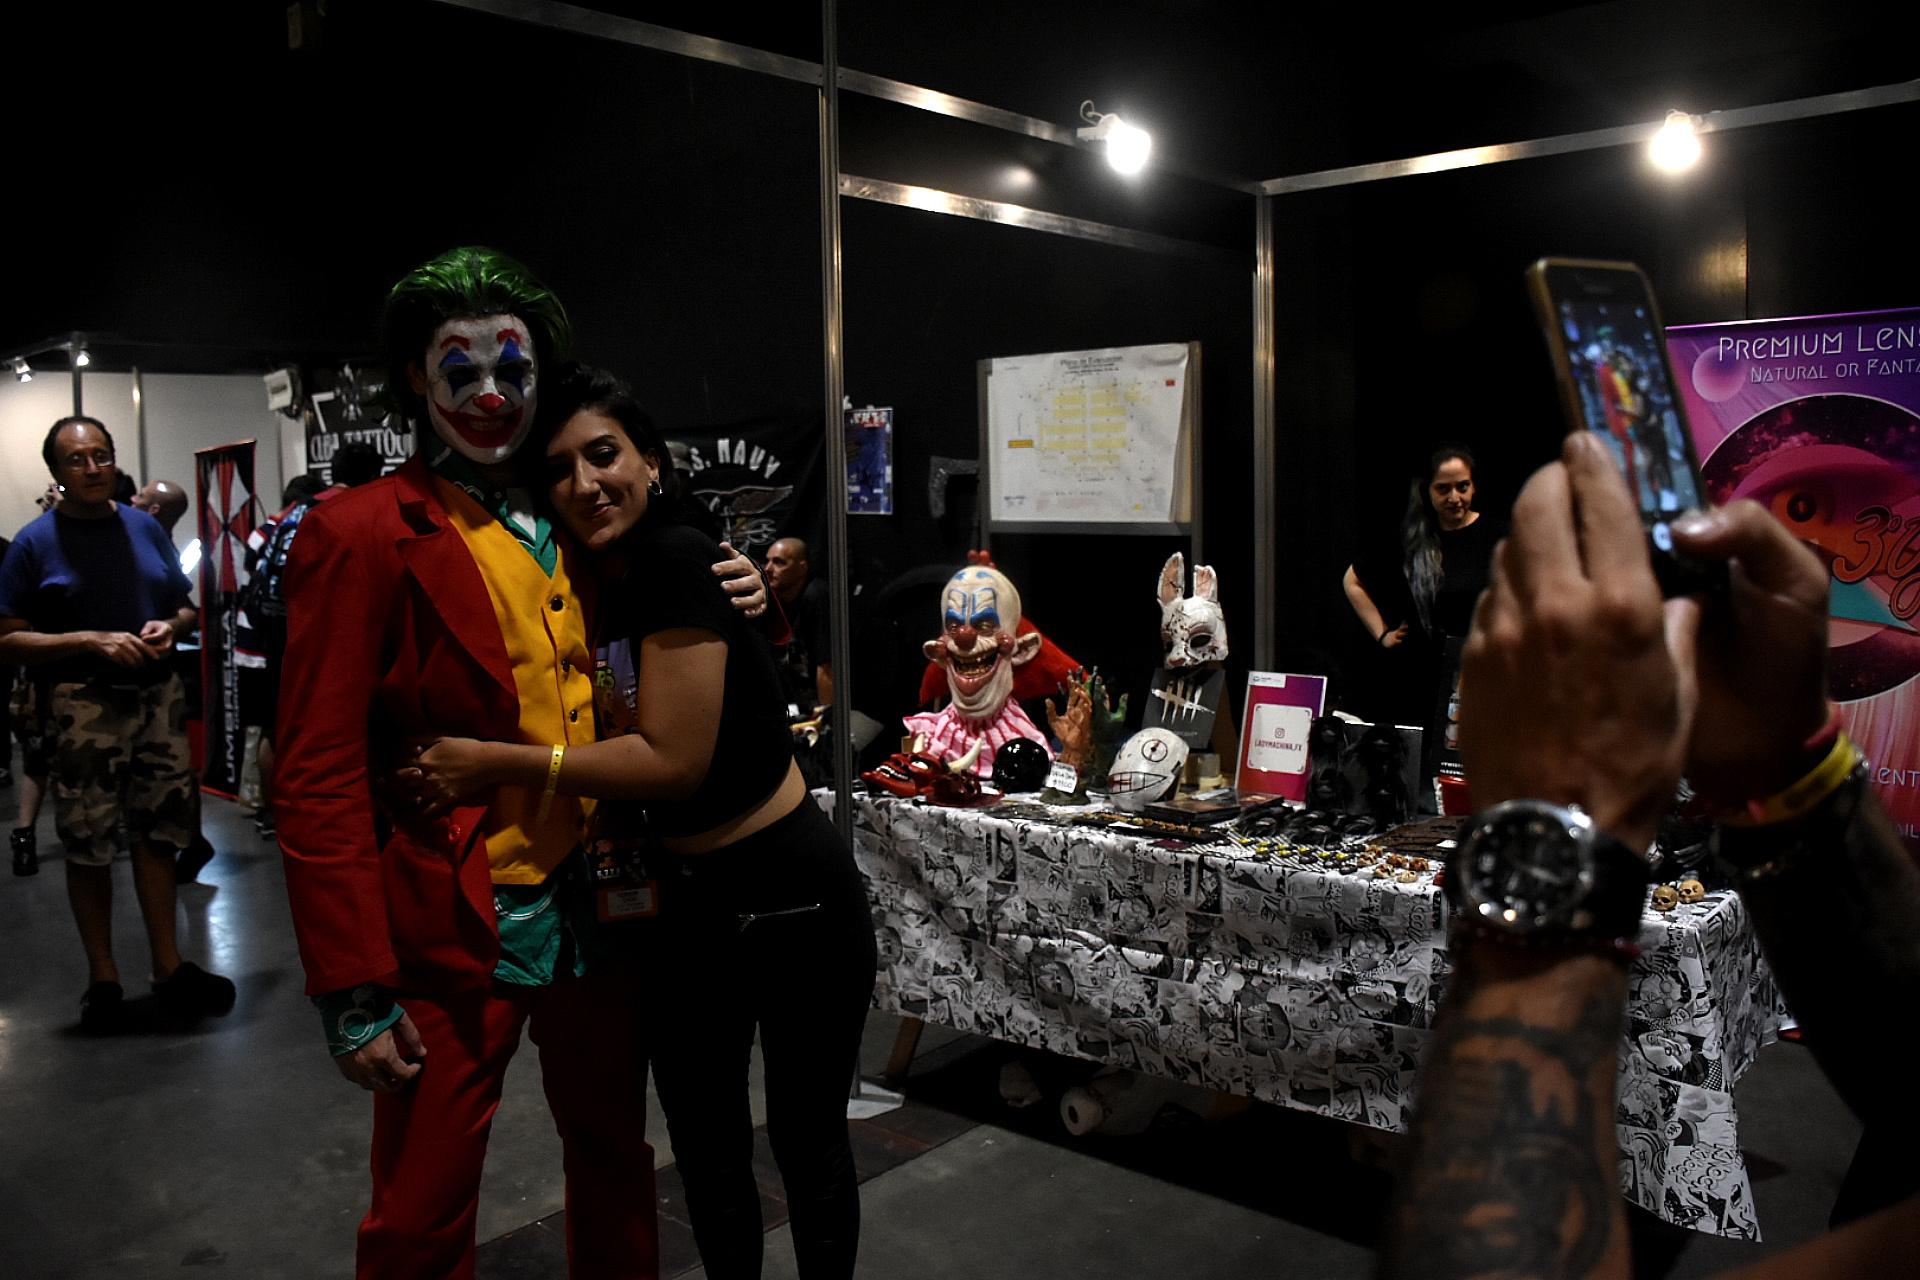 El Joker no podía faltar. Después de las 19:00 del viernes, comenzaron a llegar los personajes de historietas al Tattoo Show. En ese caso vestido del Guasón del multipremiado Joaquin Phoenix